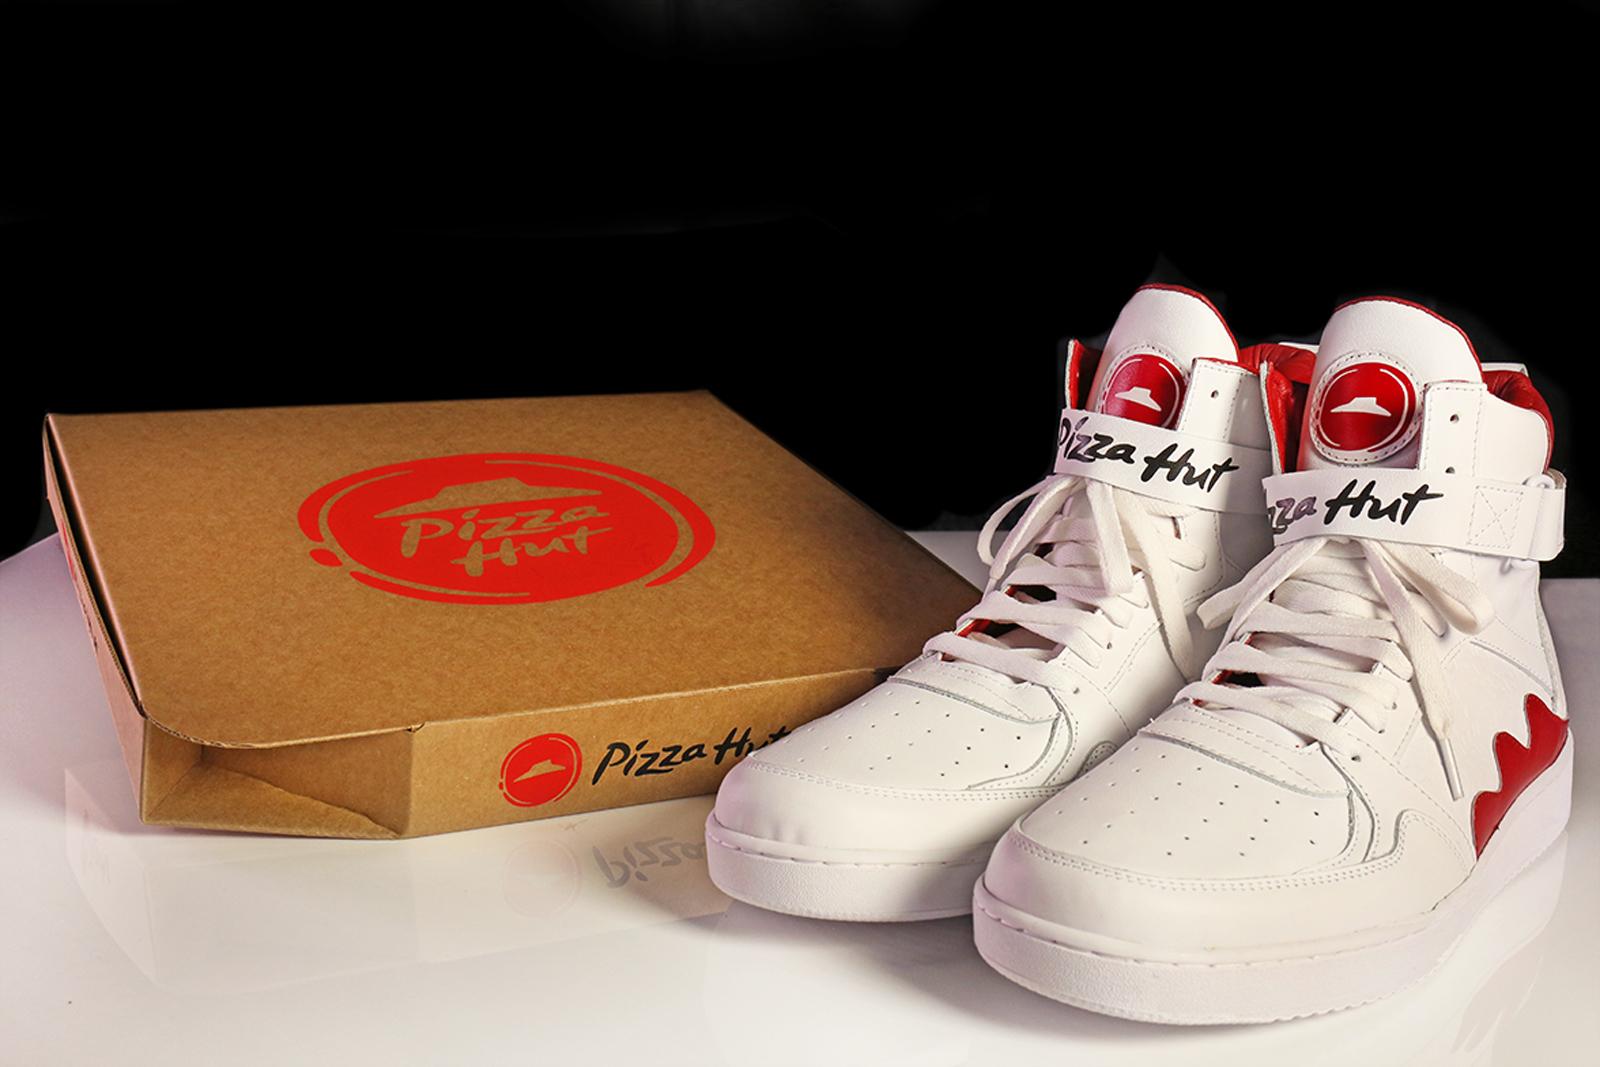 zapatos para pedir pizza de pizza hut